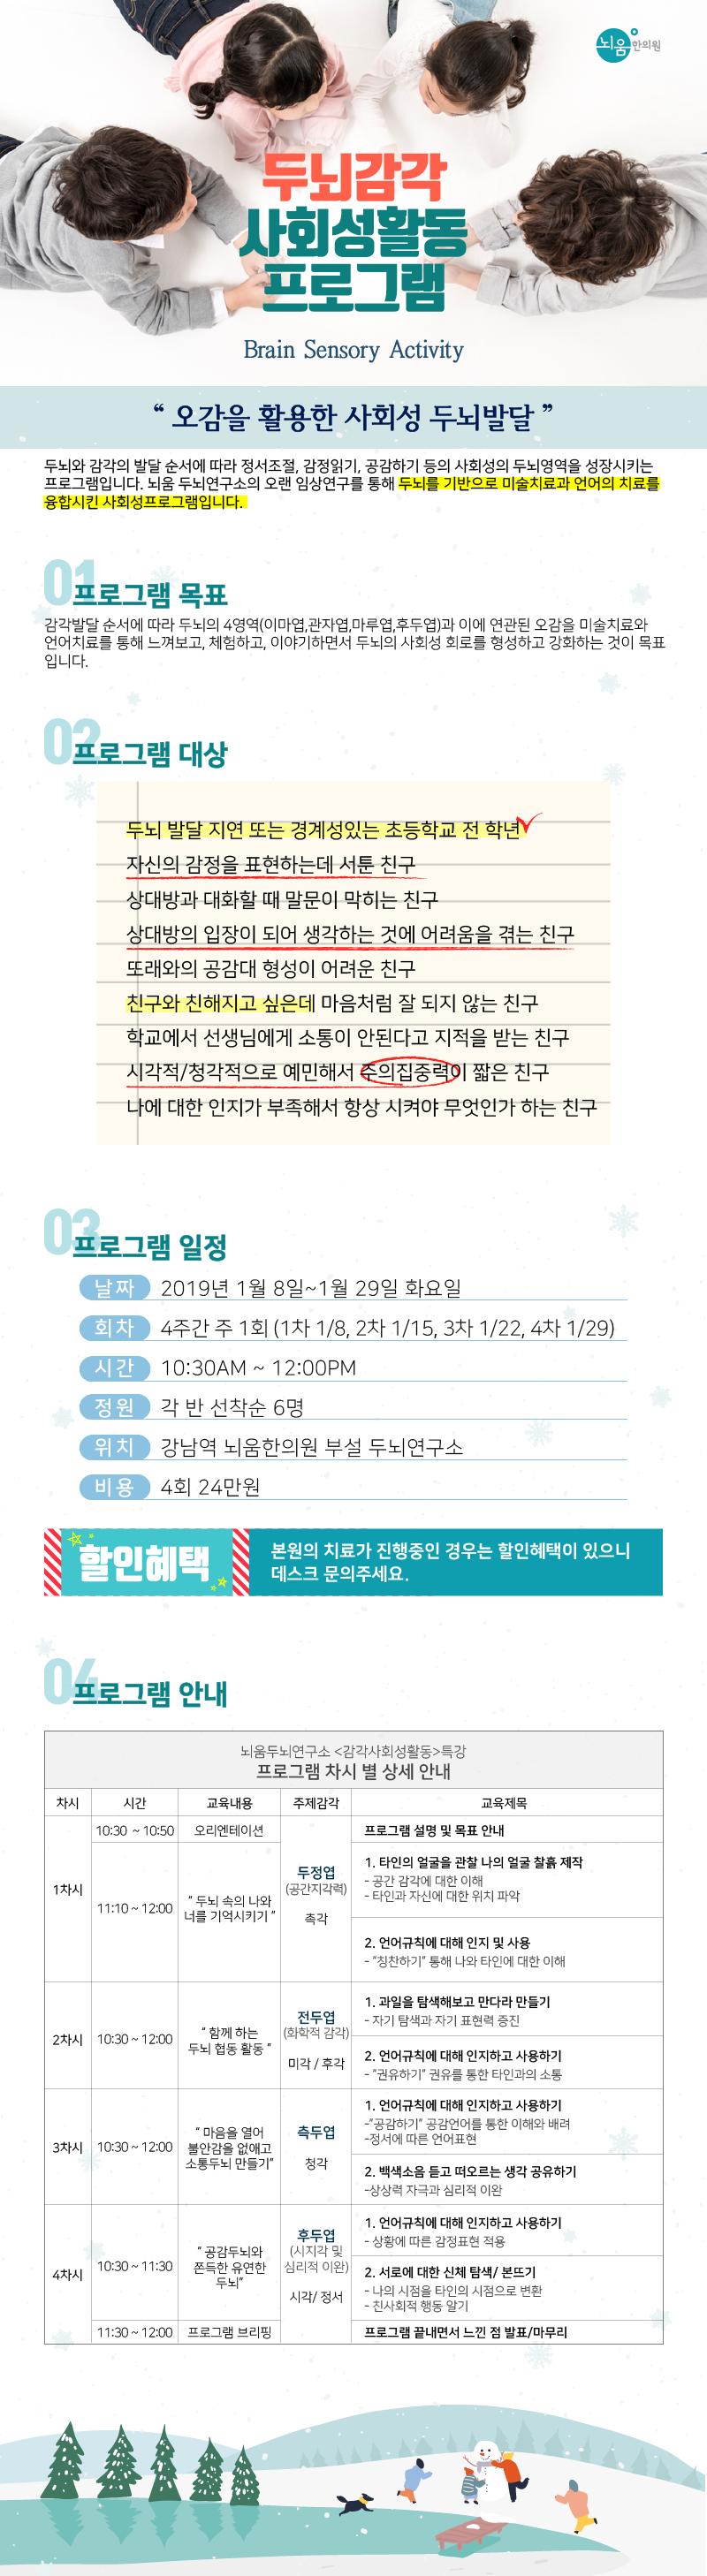 181214 겨울 사회성특강_3차-01.png